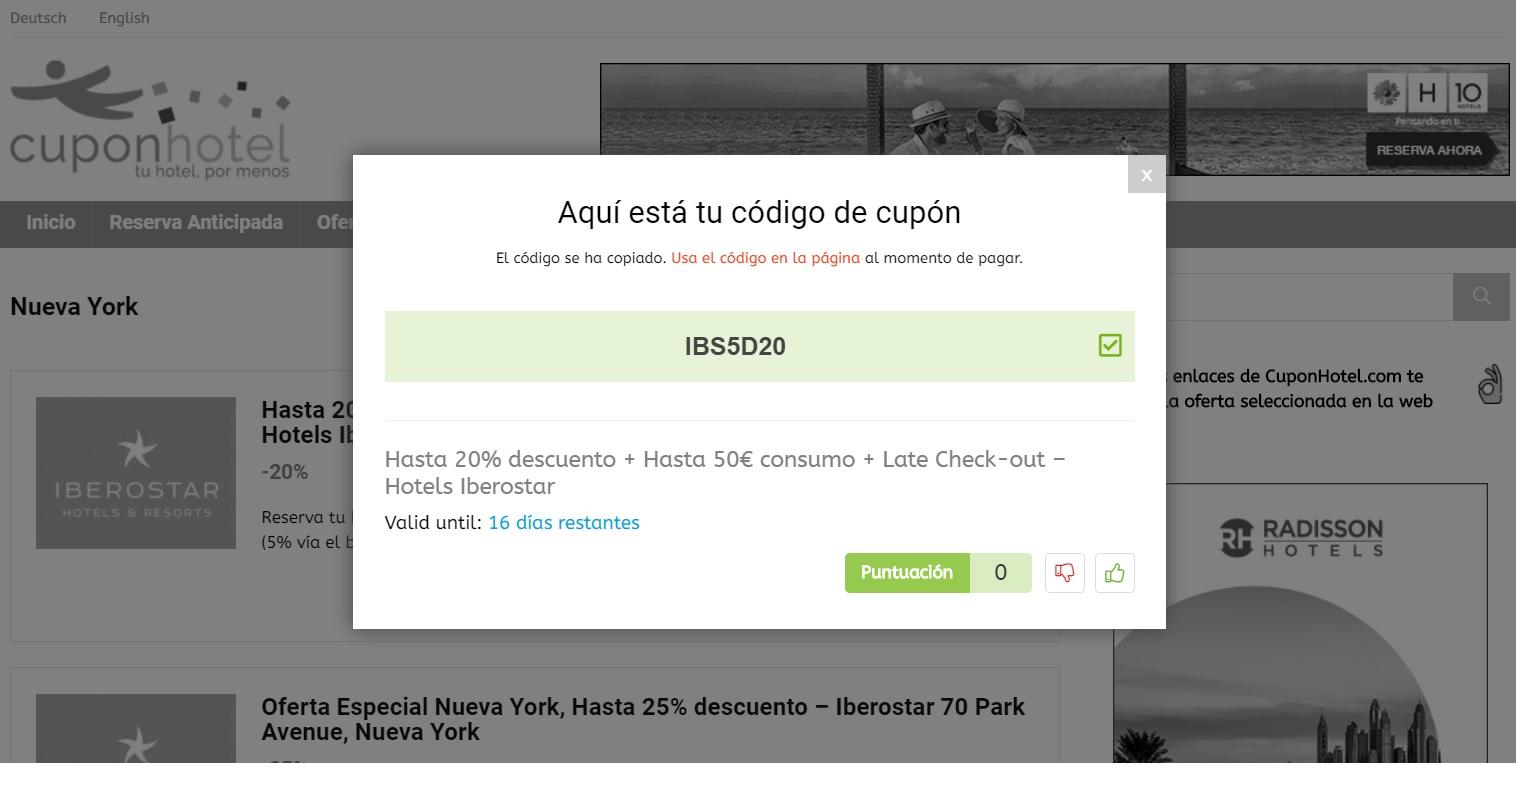 Cuponhotel promocode Nueva York